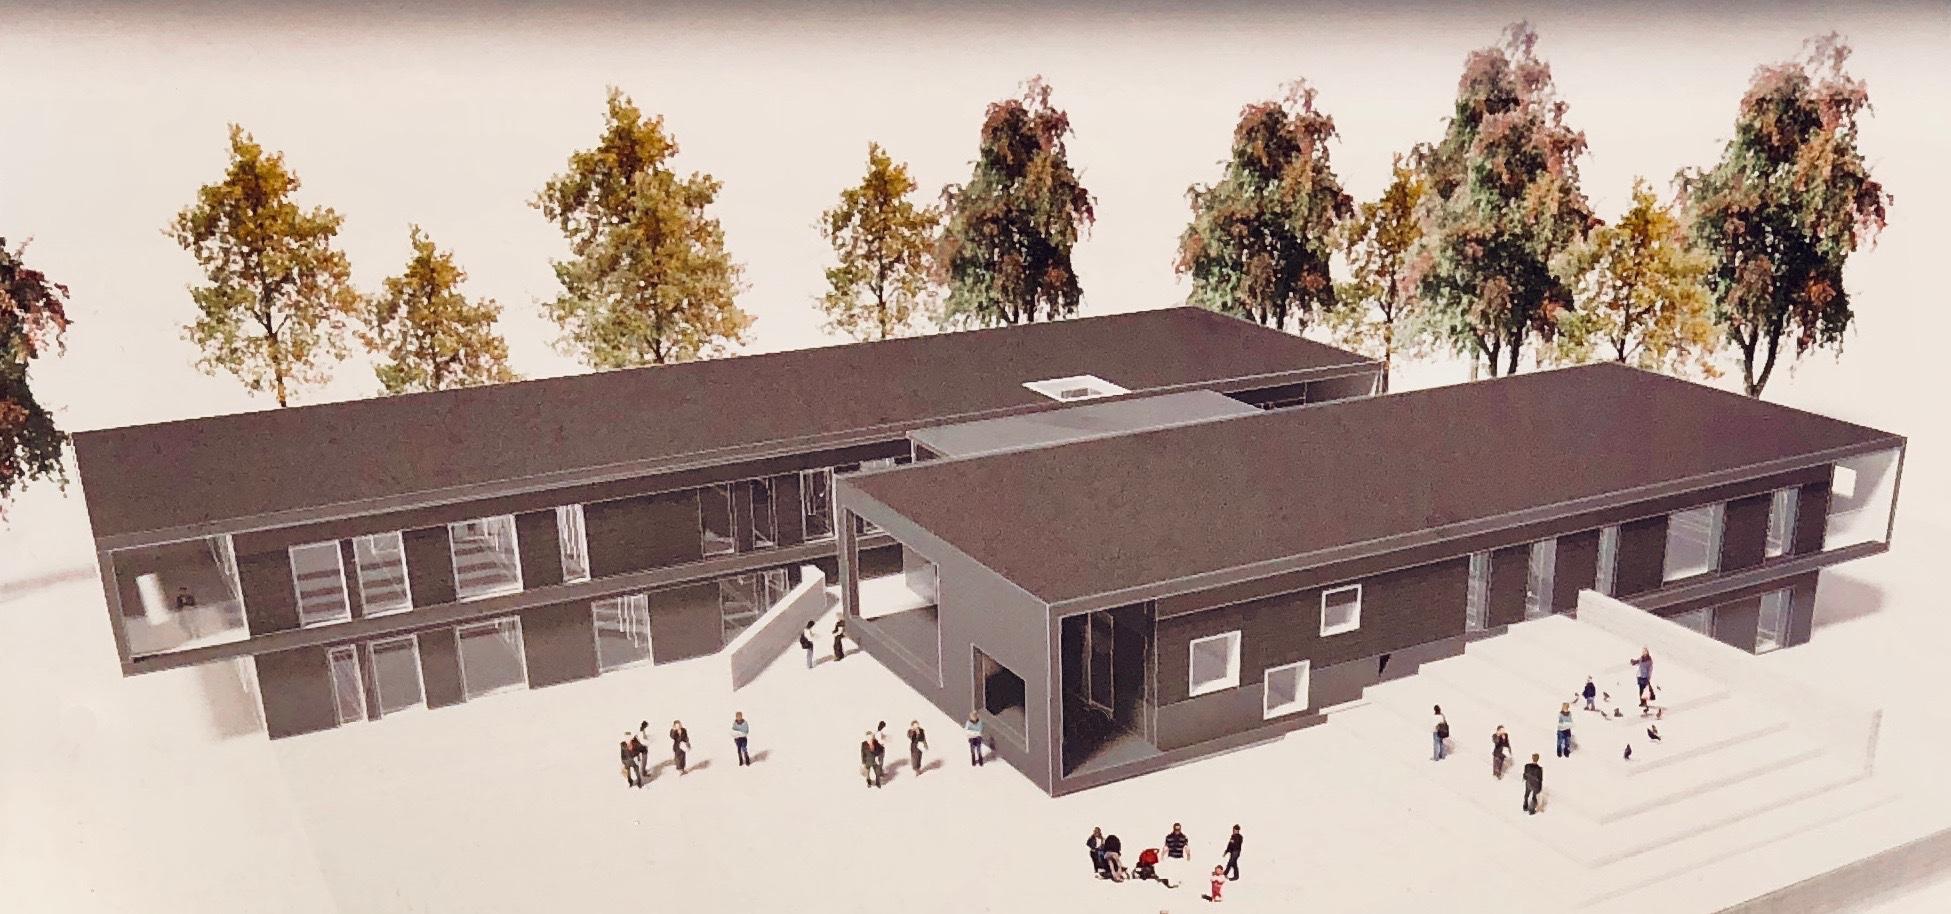 Sådan kommer det nye Børnehus 1 i Blovstrød til at præsentere sig ud mod Kongevejen. Illustration: Rubow Arkitekter